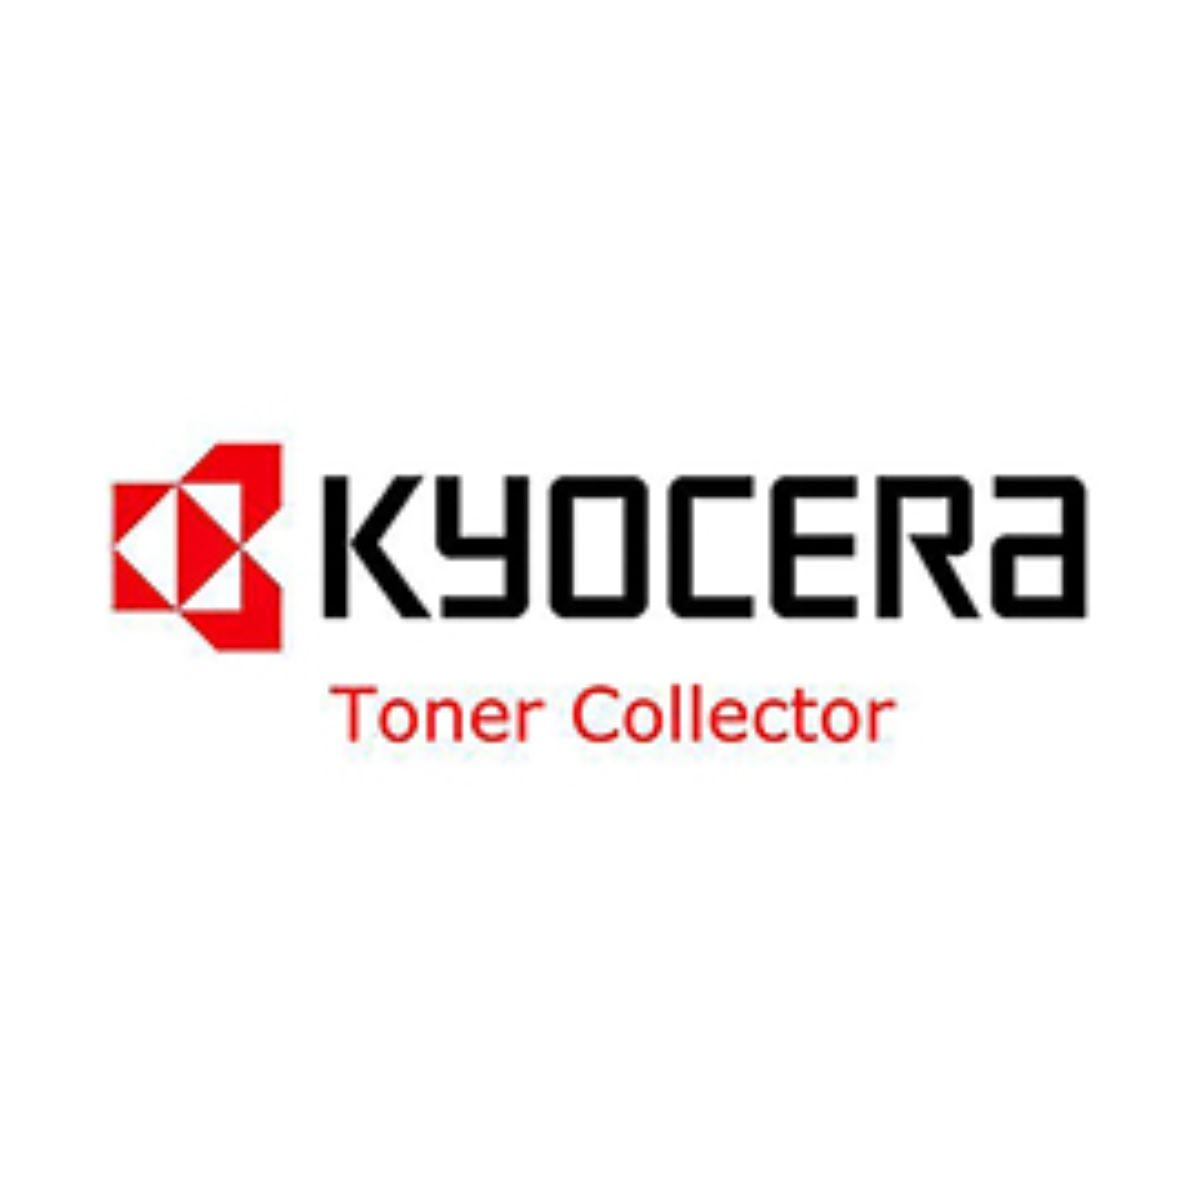 Image of Kyocera C5250DN Waste Toner